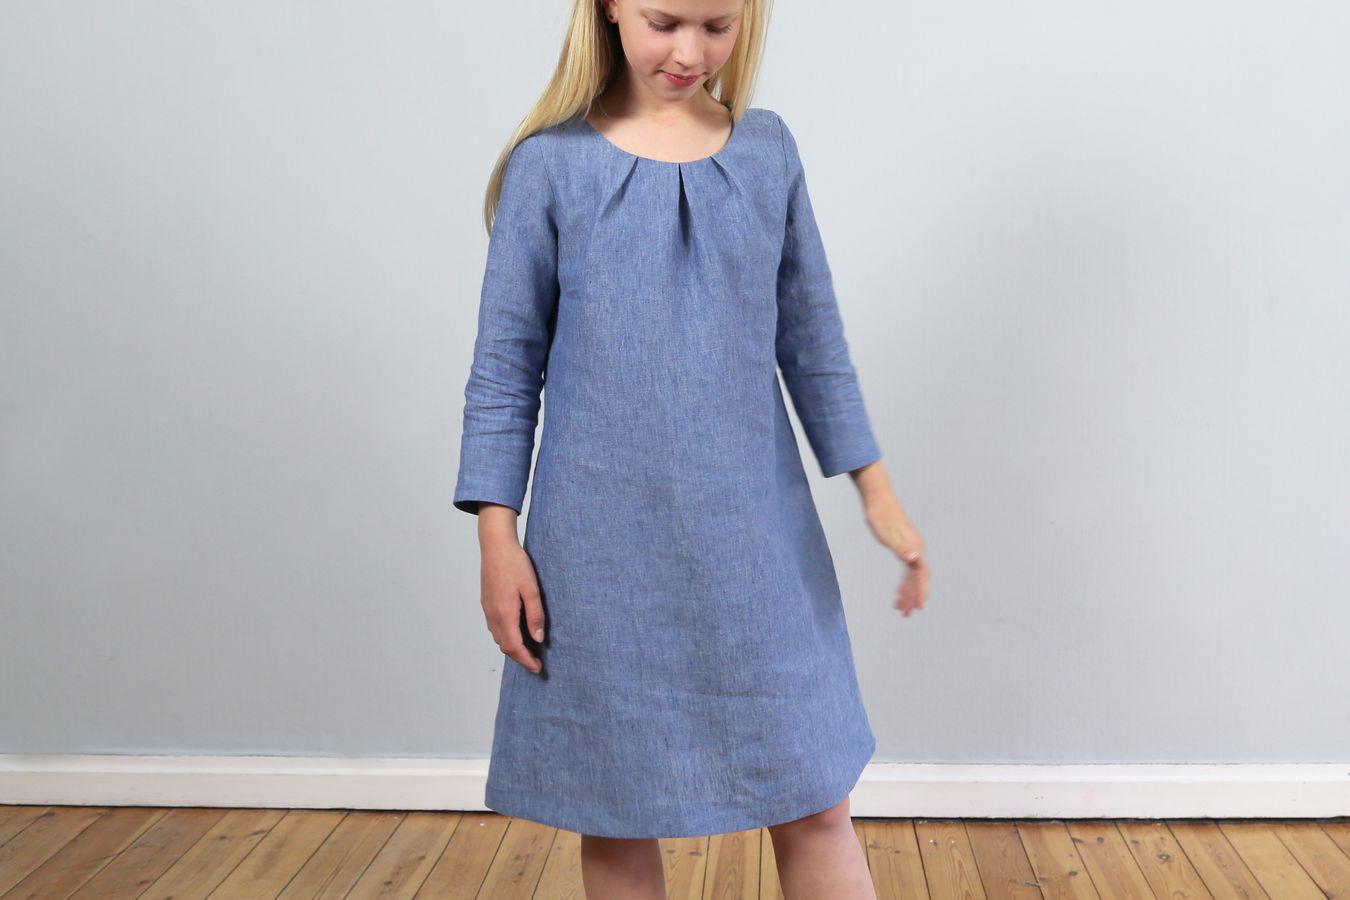 Produktfoto 8 von STUDIO SCHNITTREIF für Schnittmuster AMELAND und FRAU AMELAND • Kleider im Partnerlook,  e-book Kombi